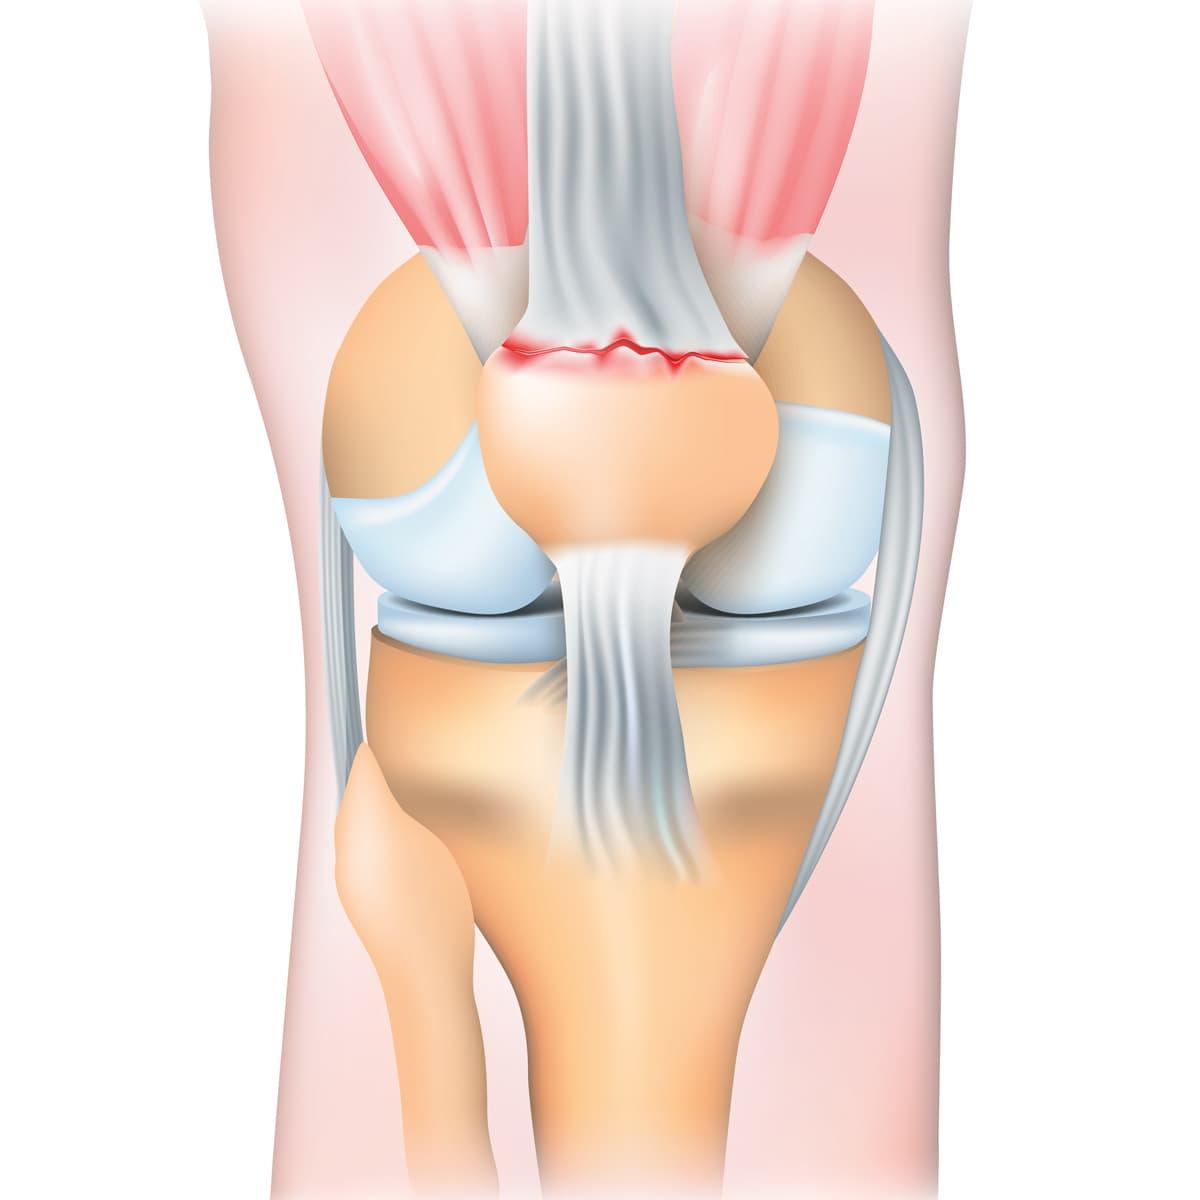 Schema illustrant la rupture du tendon quadriceps